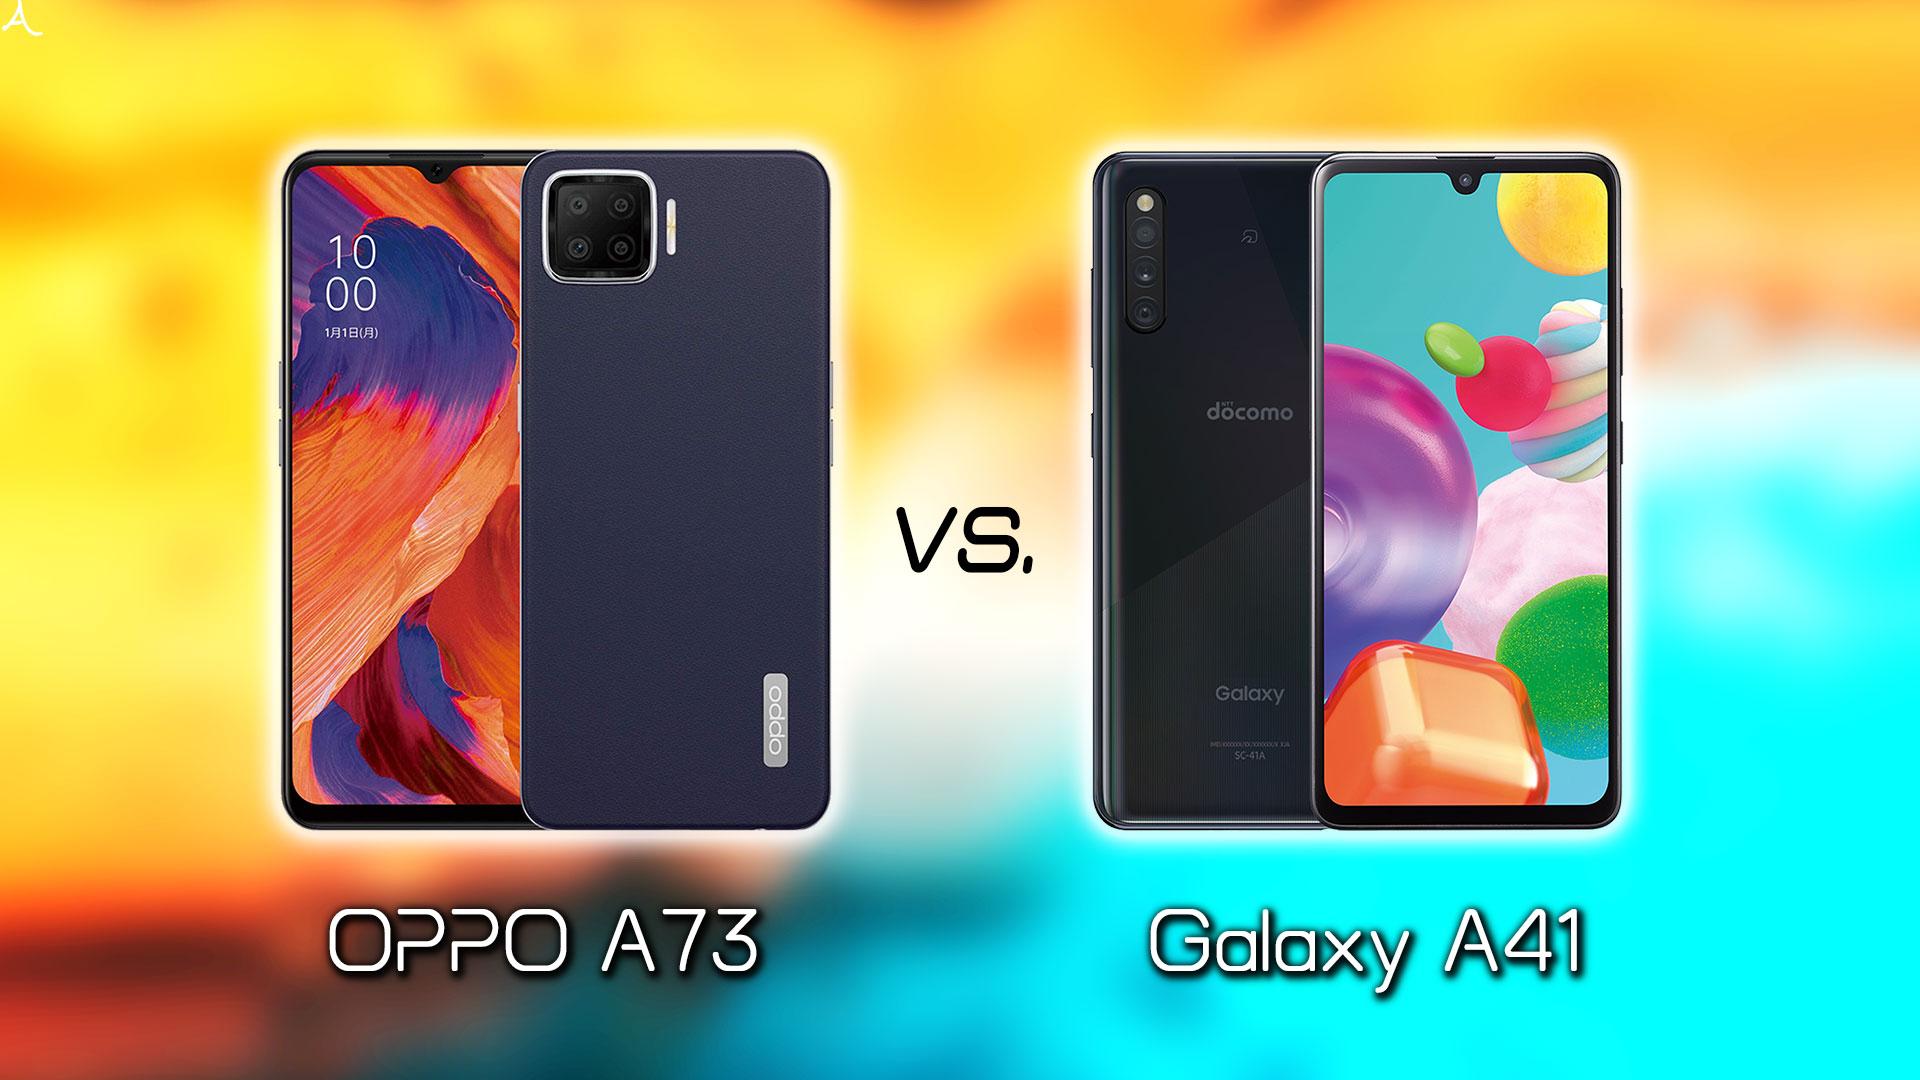 「OPPO A73」と「Galaxy A41」の違いを比較:どっちを買う?